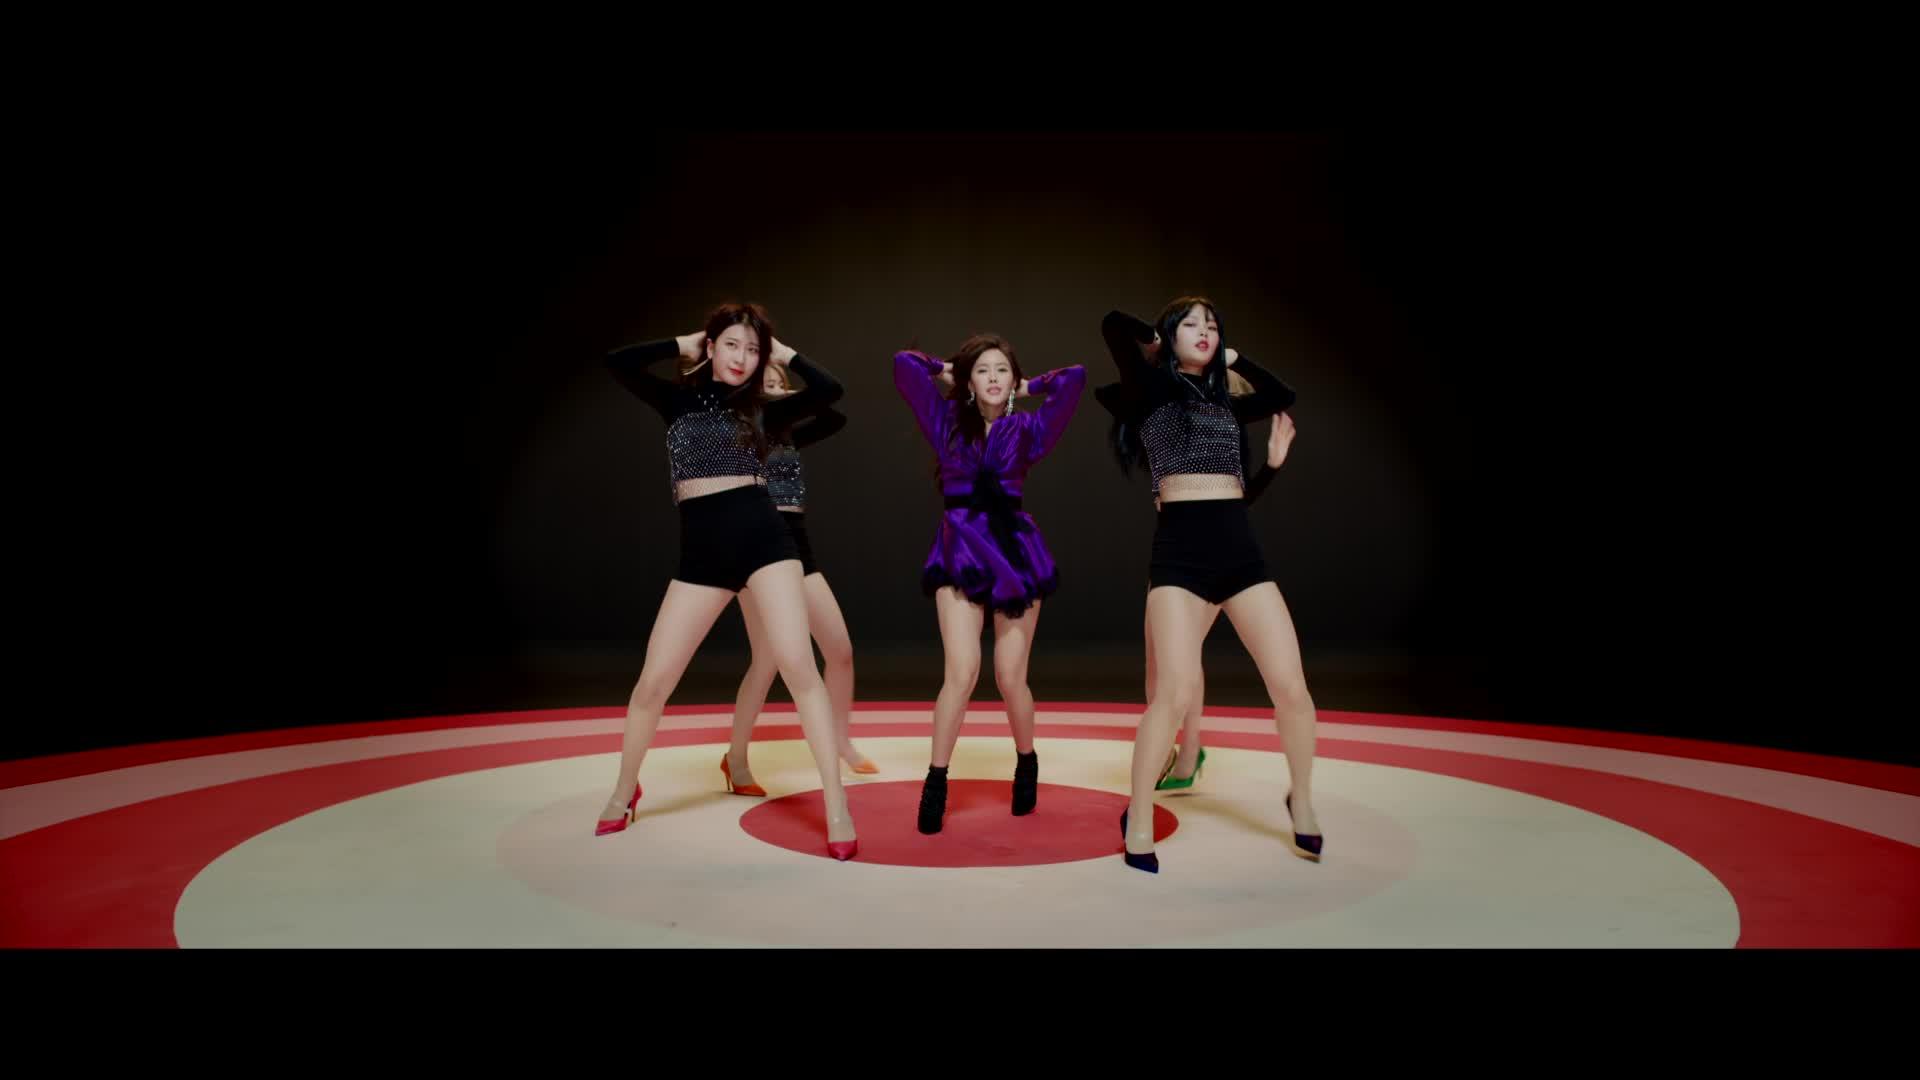 효민 HYOMIN '입꼬리' MV